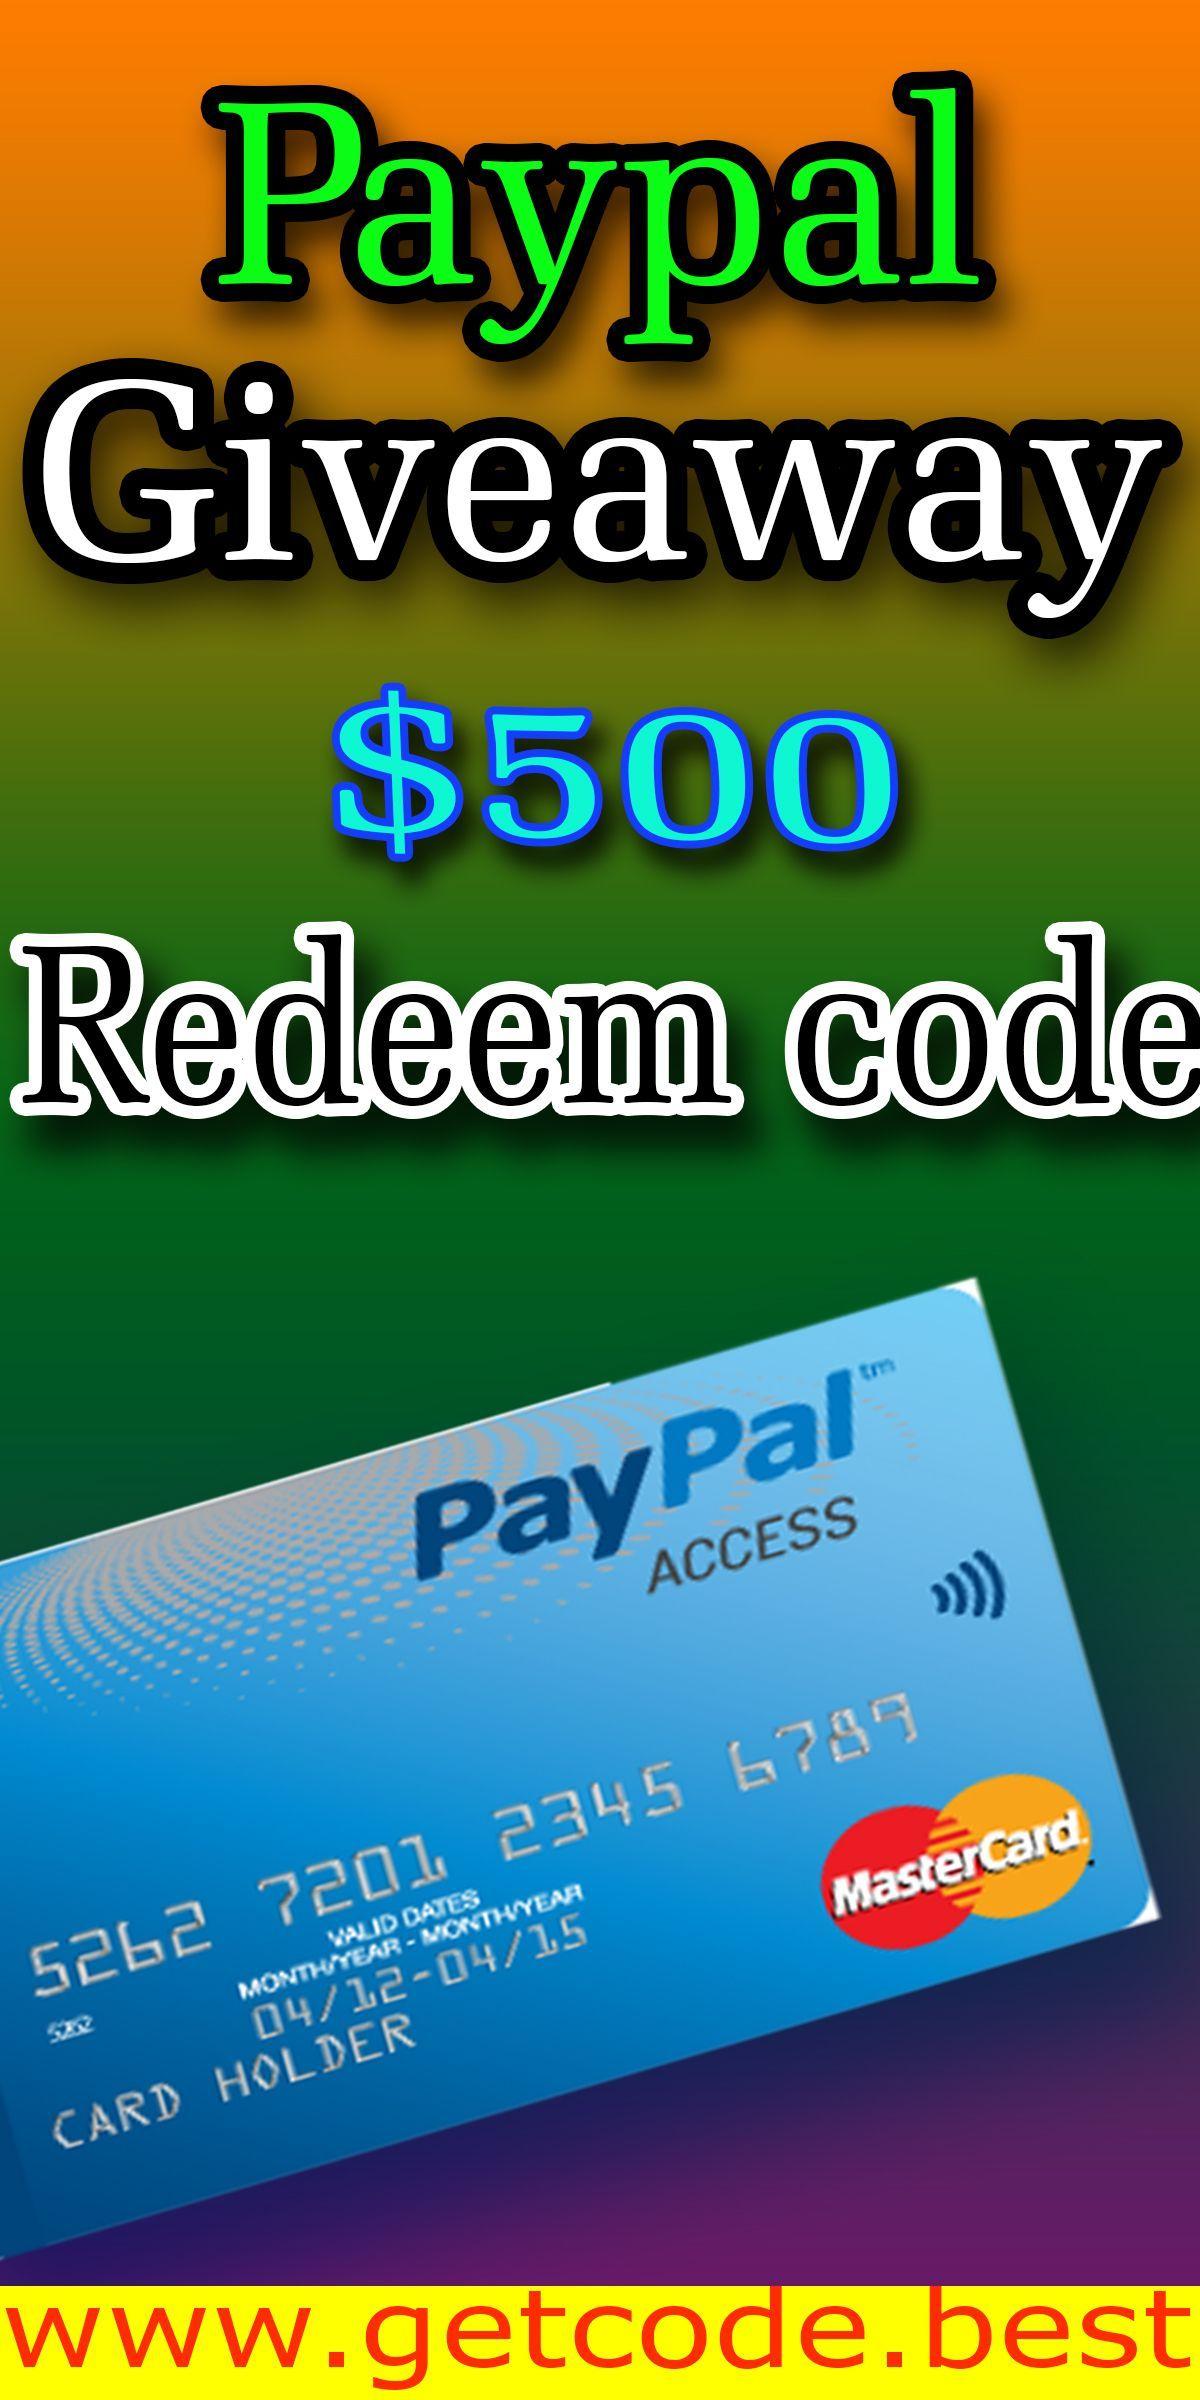 Gewinnen Sie Ein 500 Paypal Geschenkkarten Gewinnspiel In 2020 Geschenkkarte Gutscheine Karten